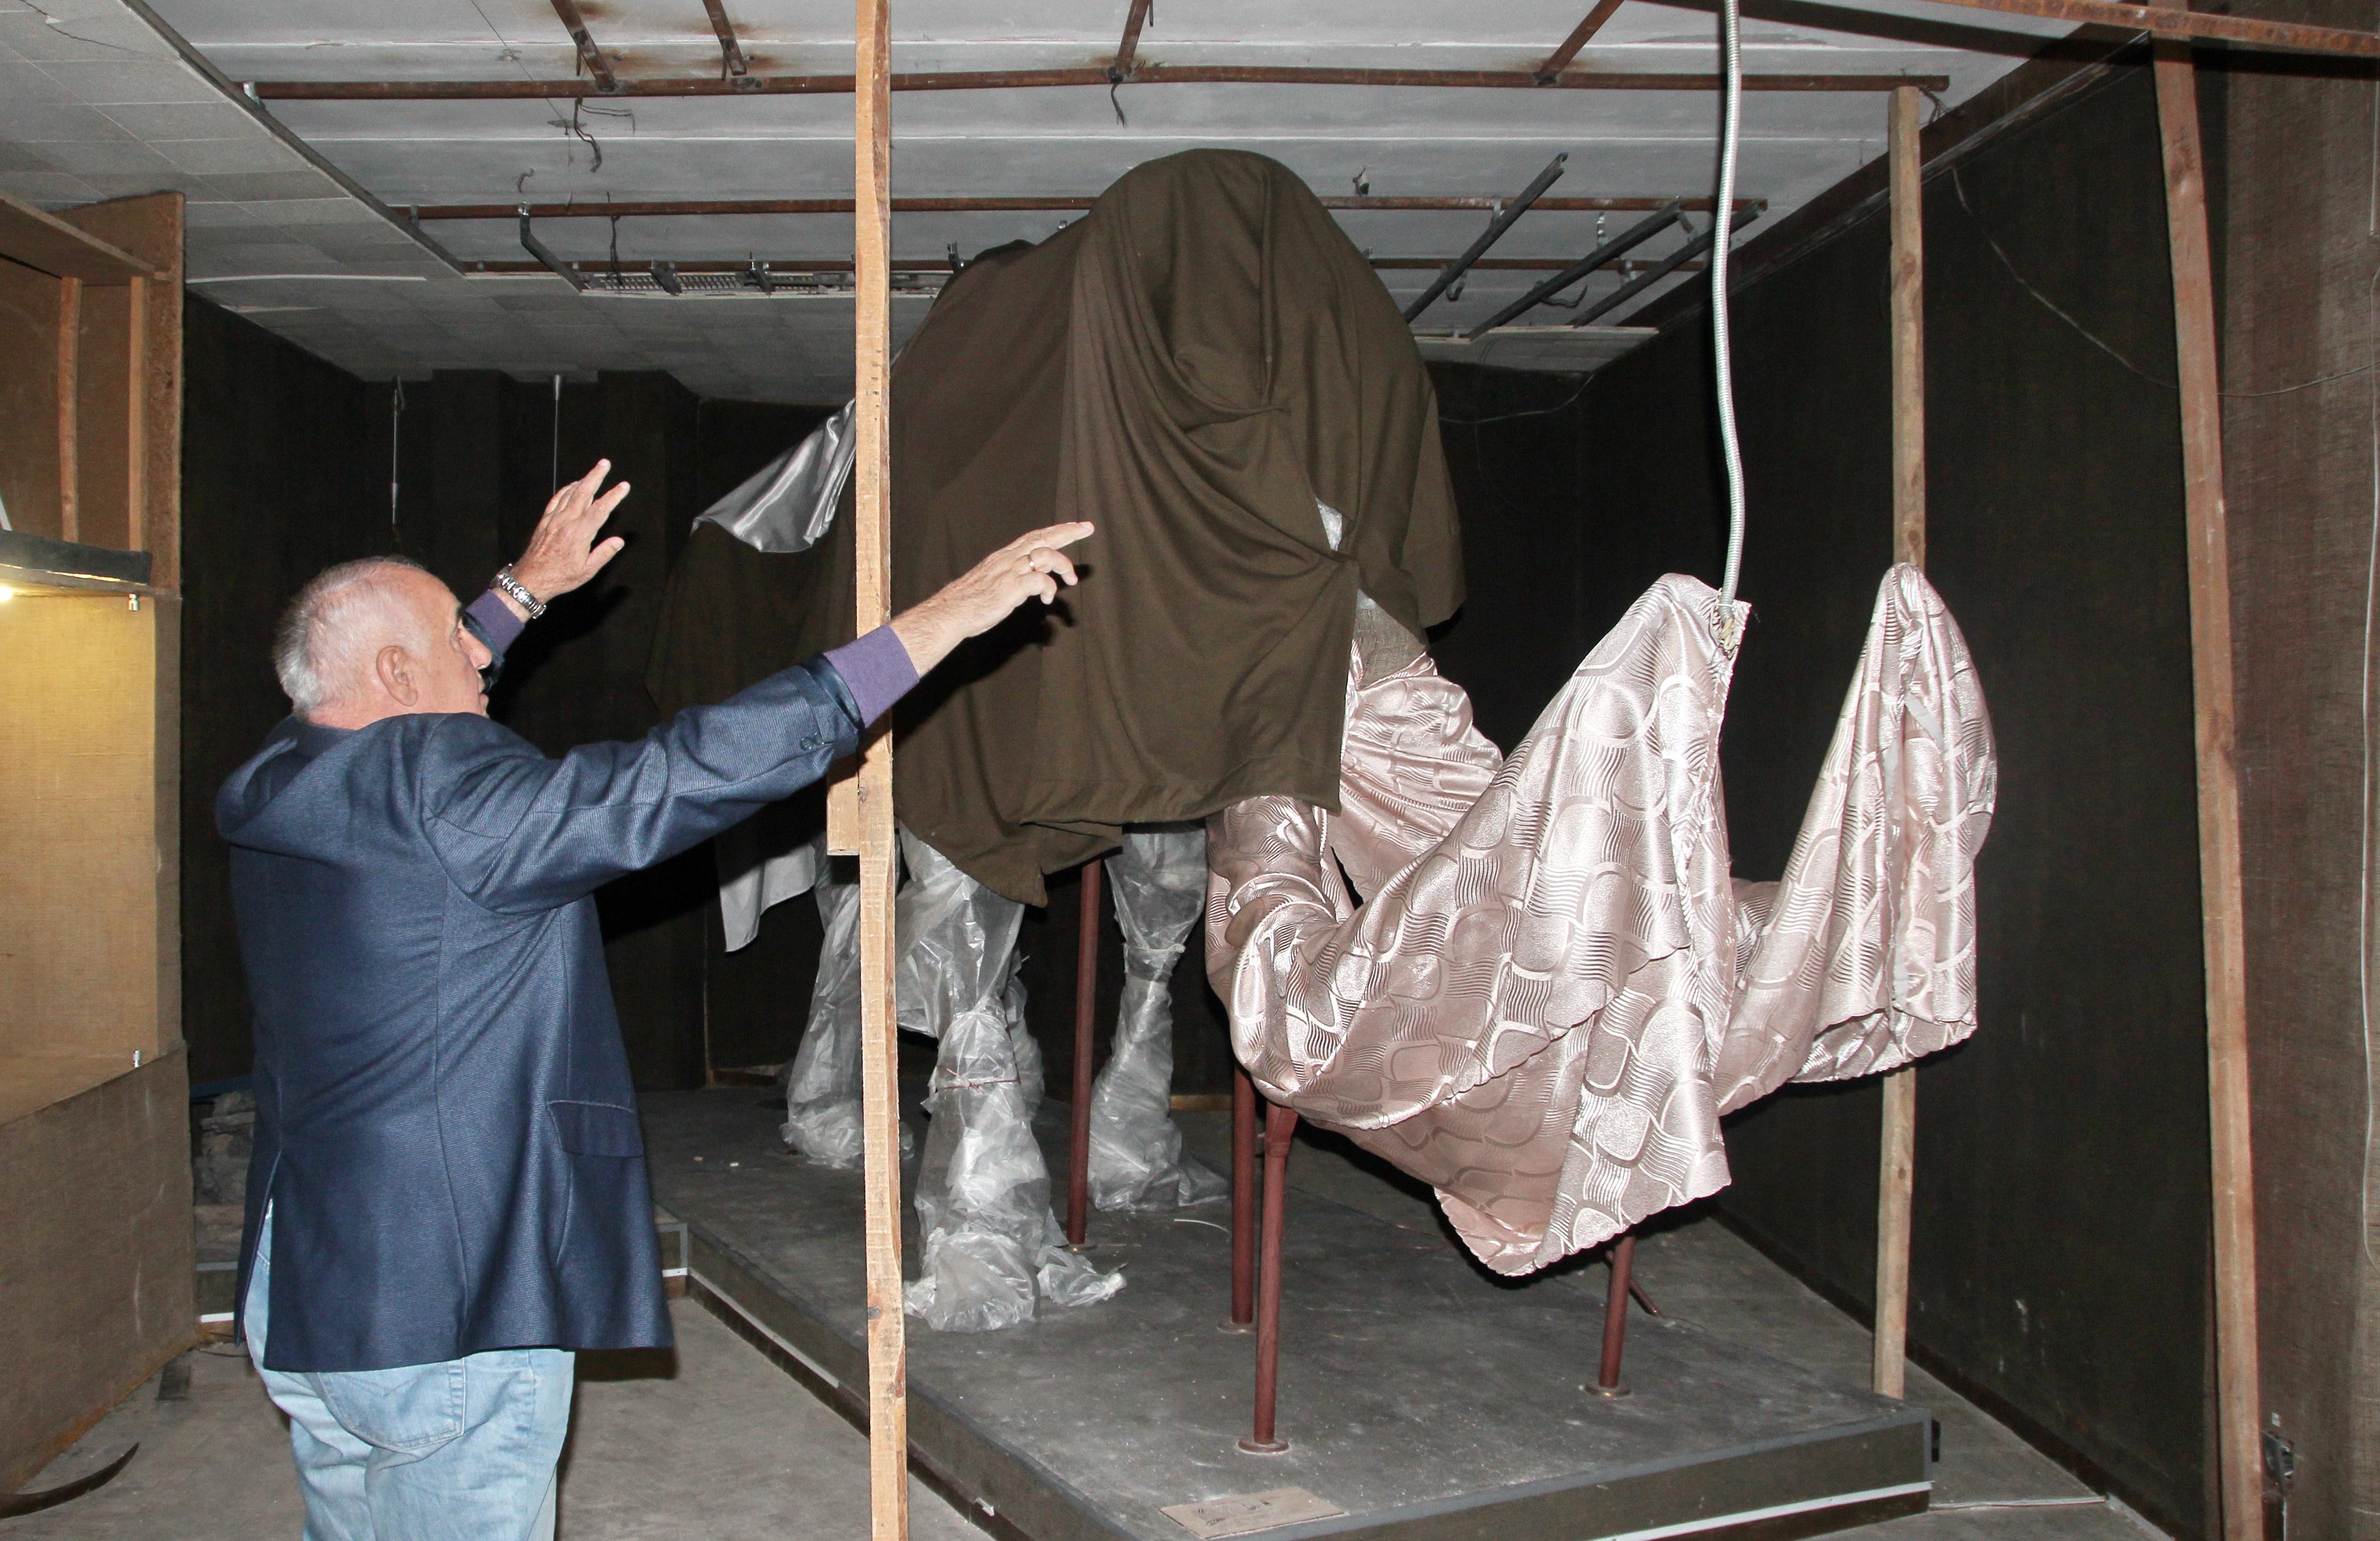 Единственный украинский мамонт поддерживает потолок зала Донецкого областного краеведческого музея, пострадавшего при артобстреле. Сентябрь 2014 г.